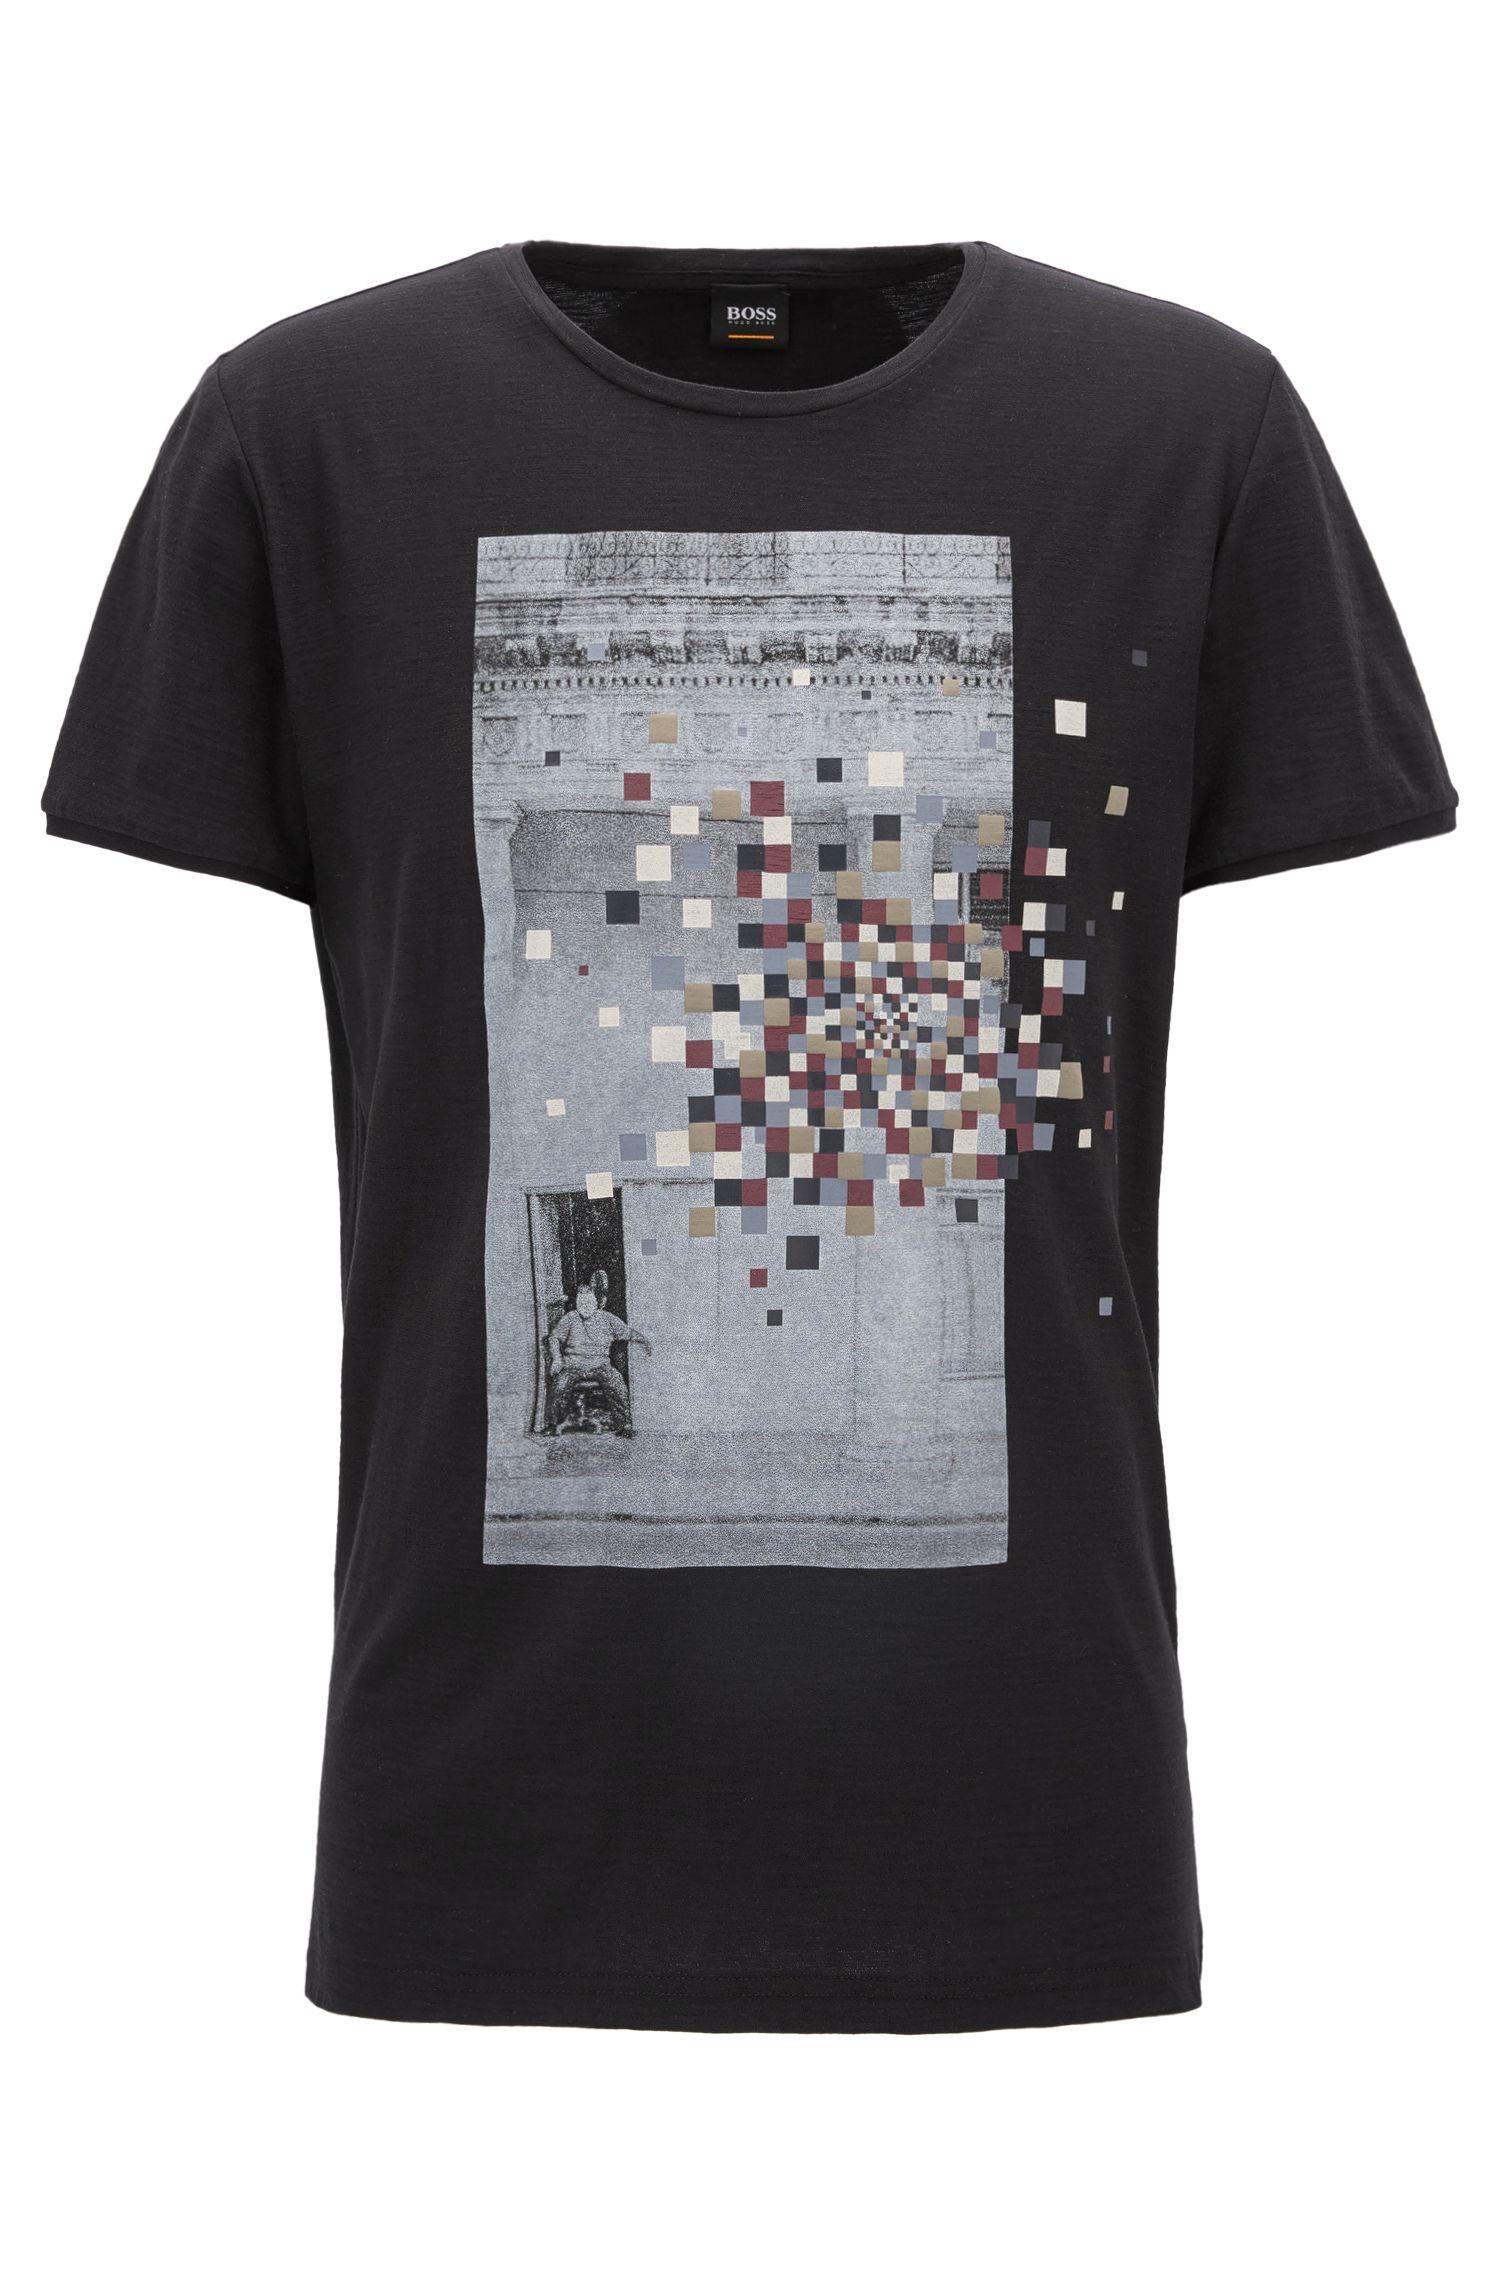 T-shirt Regular Fit en jersey de coton flammé à imprimé mixte graphique